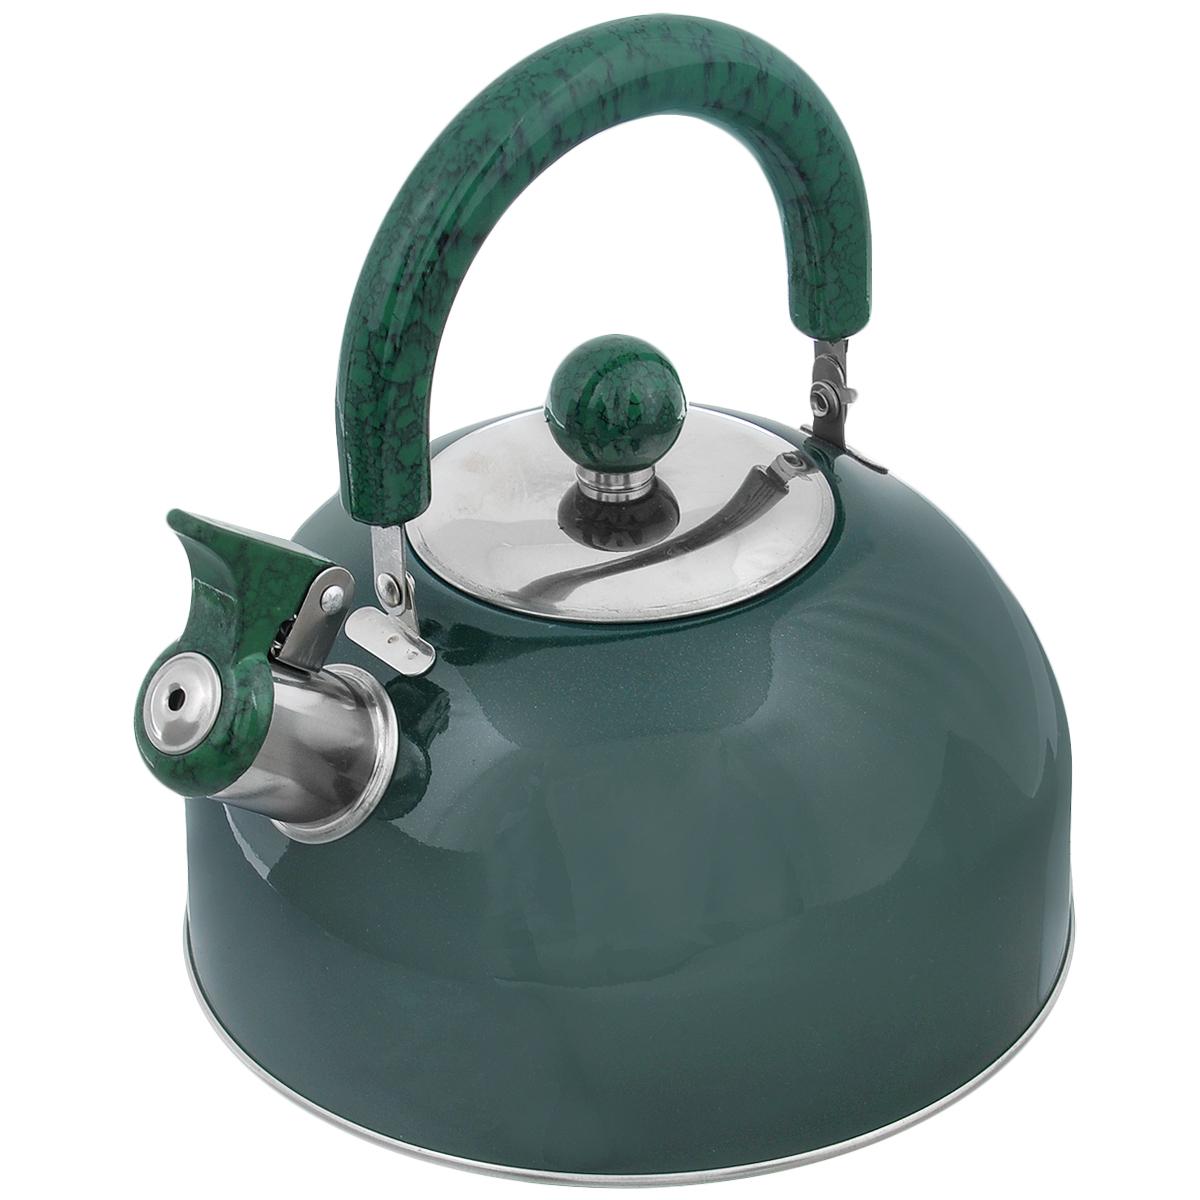 Чайник Mayer & Boch Modern со свистком, цвет: зеленый, 2 л. МВ-3226МВ-3226Чайник Mayer & Boch Modern изготовлен из высококачественной нержавеющей стали. Гладкая и ровная поверхность существенно облегчает уход. Он оснащен удобной нейлоновой ручкой, которая не нагревается даже при продолжительном периоде нагрева воды. Носик чайника имеет насадку-свисток, что позволит вам контролировать процесс подогрева или кипячения воды. Выполненный из качественных материалов чайник Mayer & Boch Modern при кипячении сохраняет все полезные свойства воды. Чайник пригоден для использования на всех типах плит, кроме индукционных. Можно мыть в посудомоечной машине. Диаметр чайника по верхнему краю: 8,5 см. Диаметр основания: 19 см. Высота чайника (без учета ручки и крышки): 10 см.